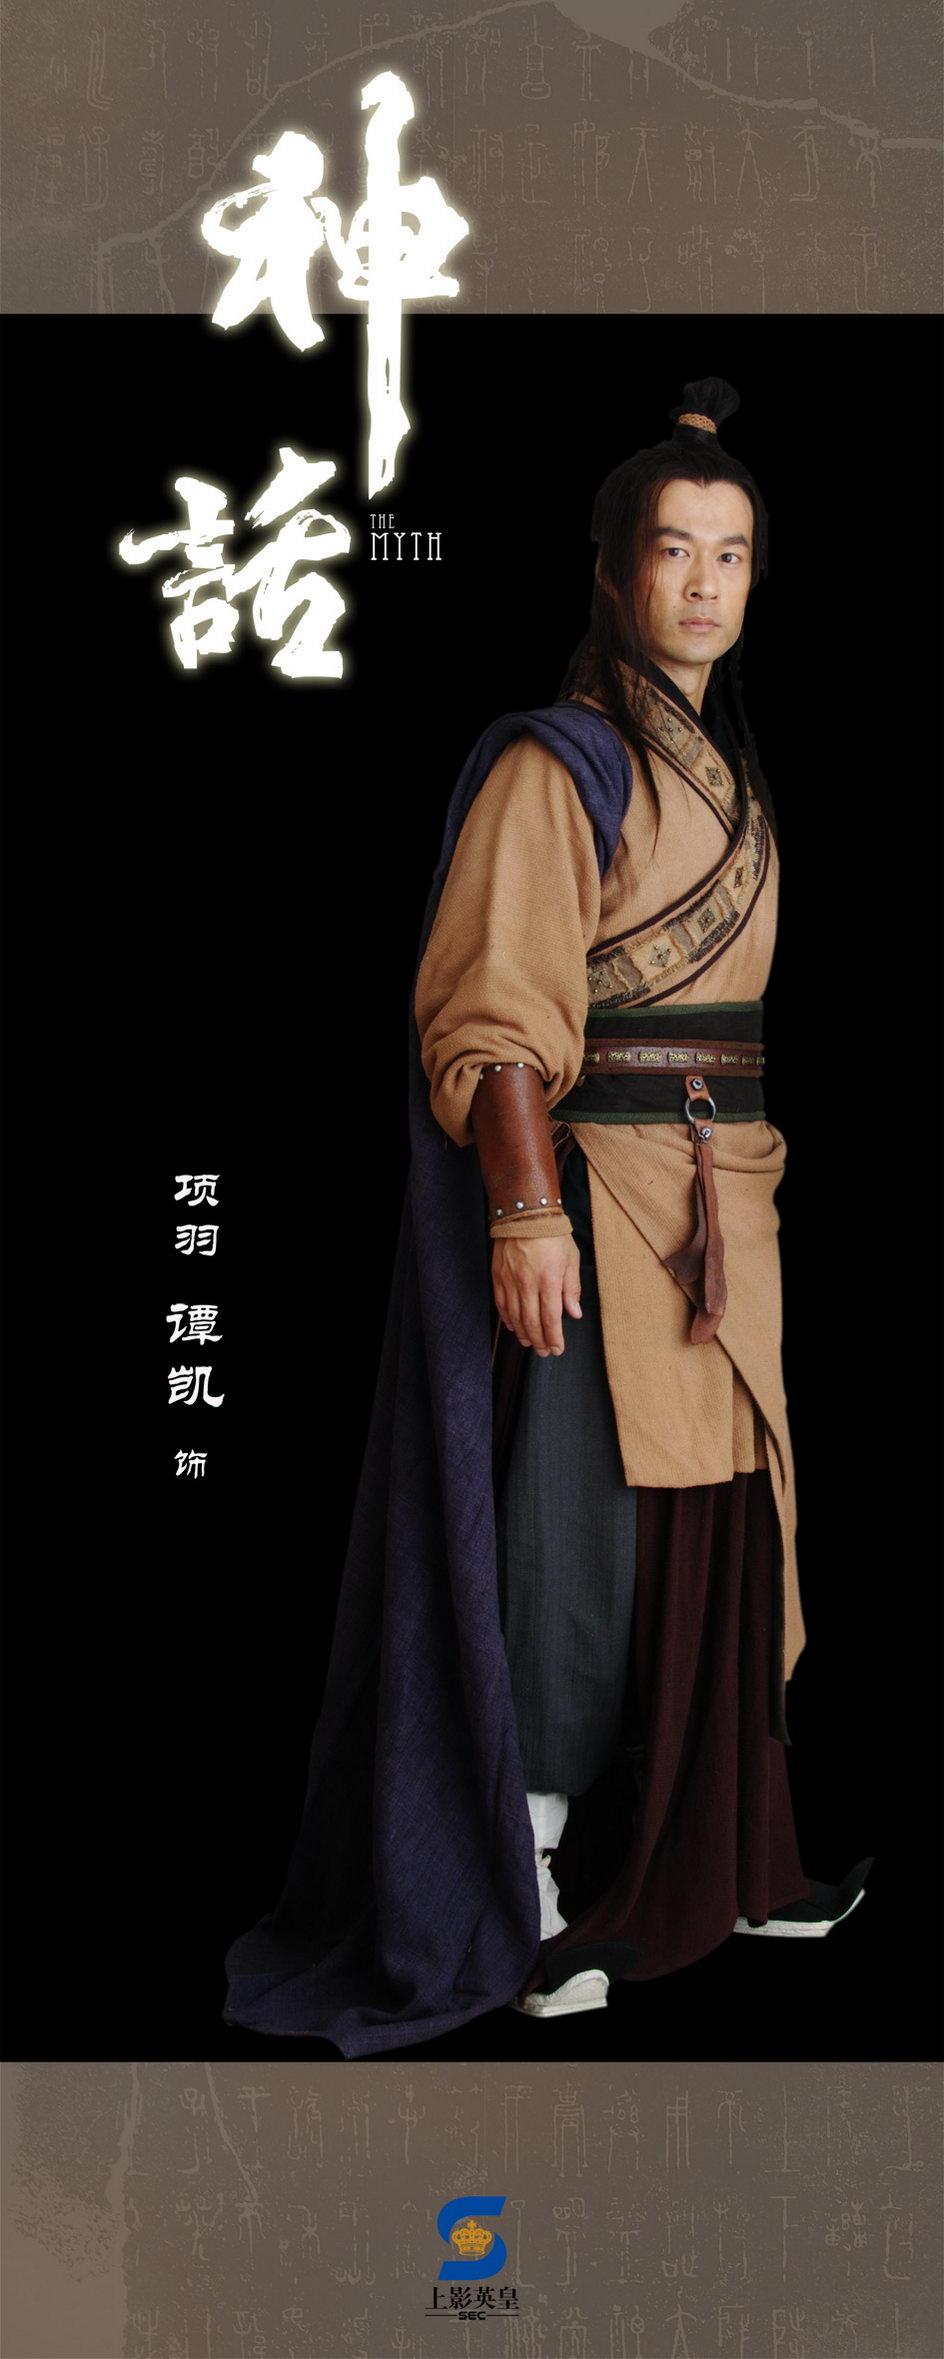 谭凯项羽_电视剧神话单人海报--谭凯饰演项羽剧照-电视指南